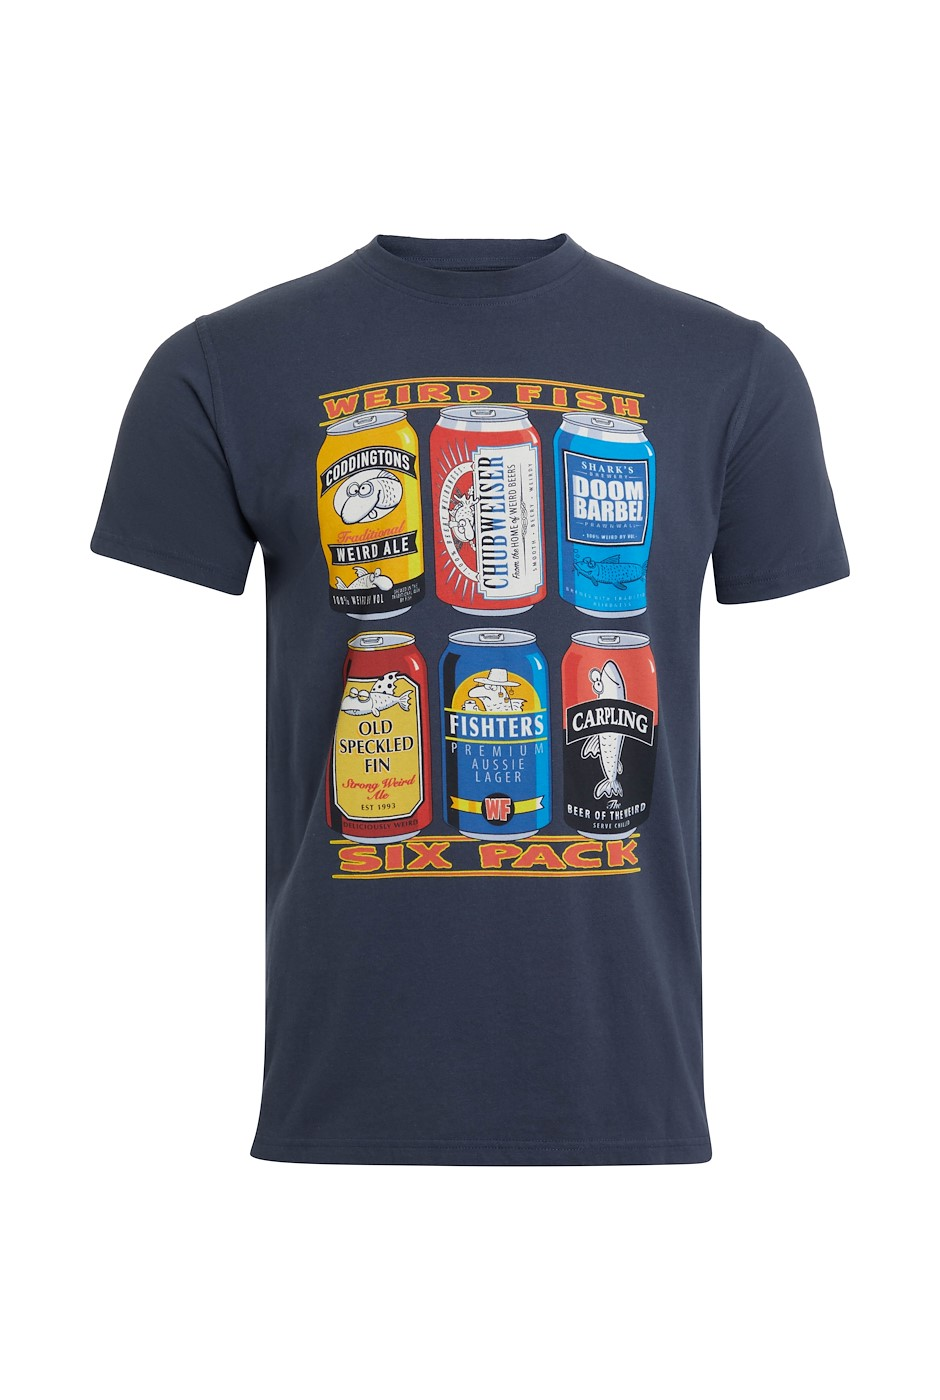 Six Pack Organic Cotton Artist T-Shirt Navy